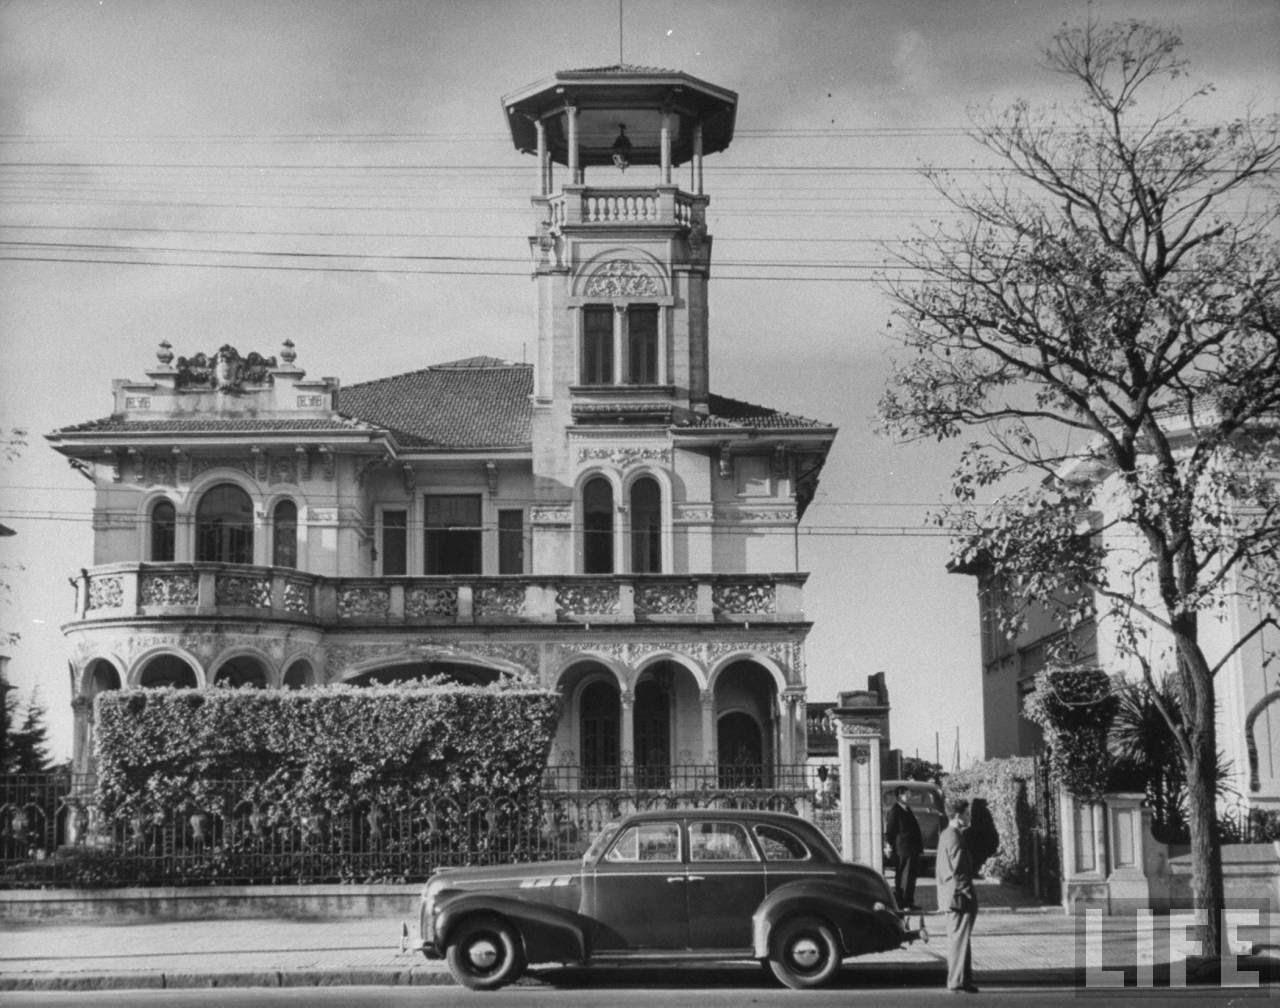 1947%2B %2Bcasarao%2Bav%2Bpaulista%2B %2BDmitri%2BKessel - Série Avenida Paulista: o mistério do casarão de Amin Andraus